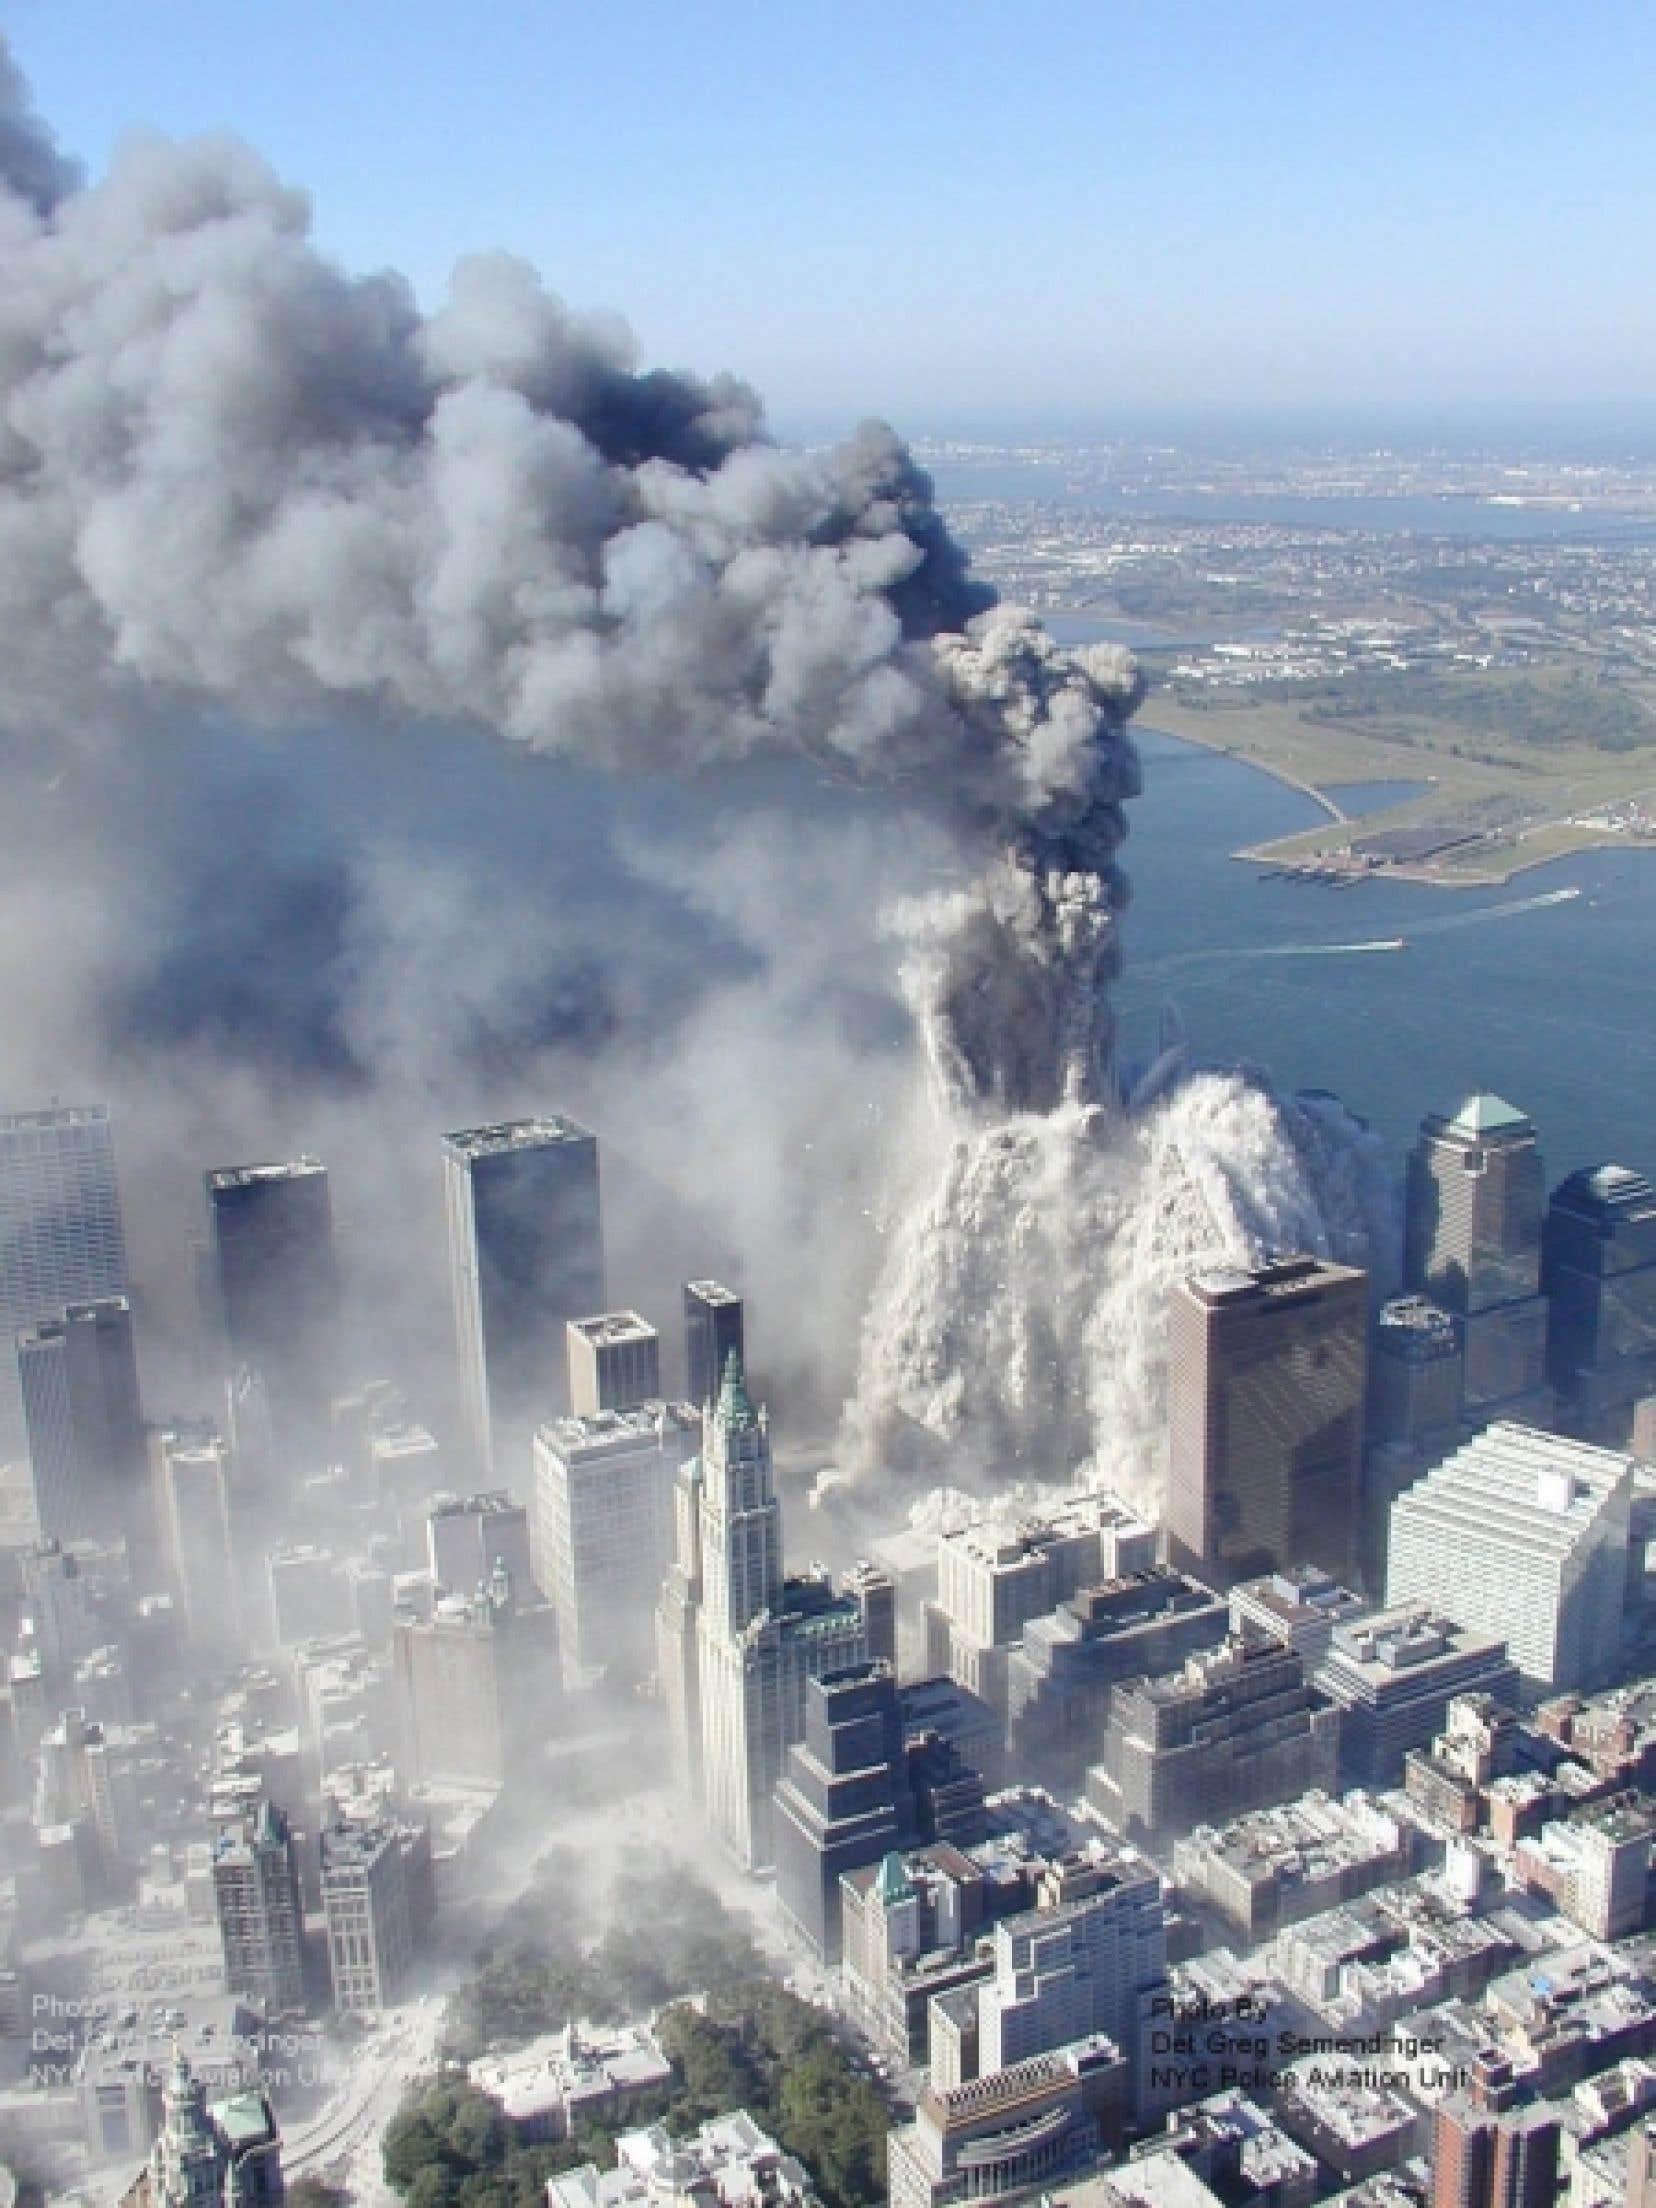 Dans la foulée du 11-Septembre, George W. Bush avait déclaré «la guerre» au terrorisme.<br />